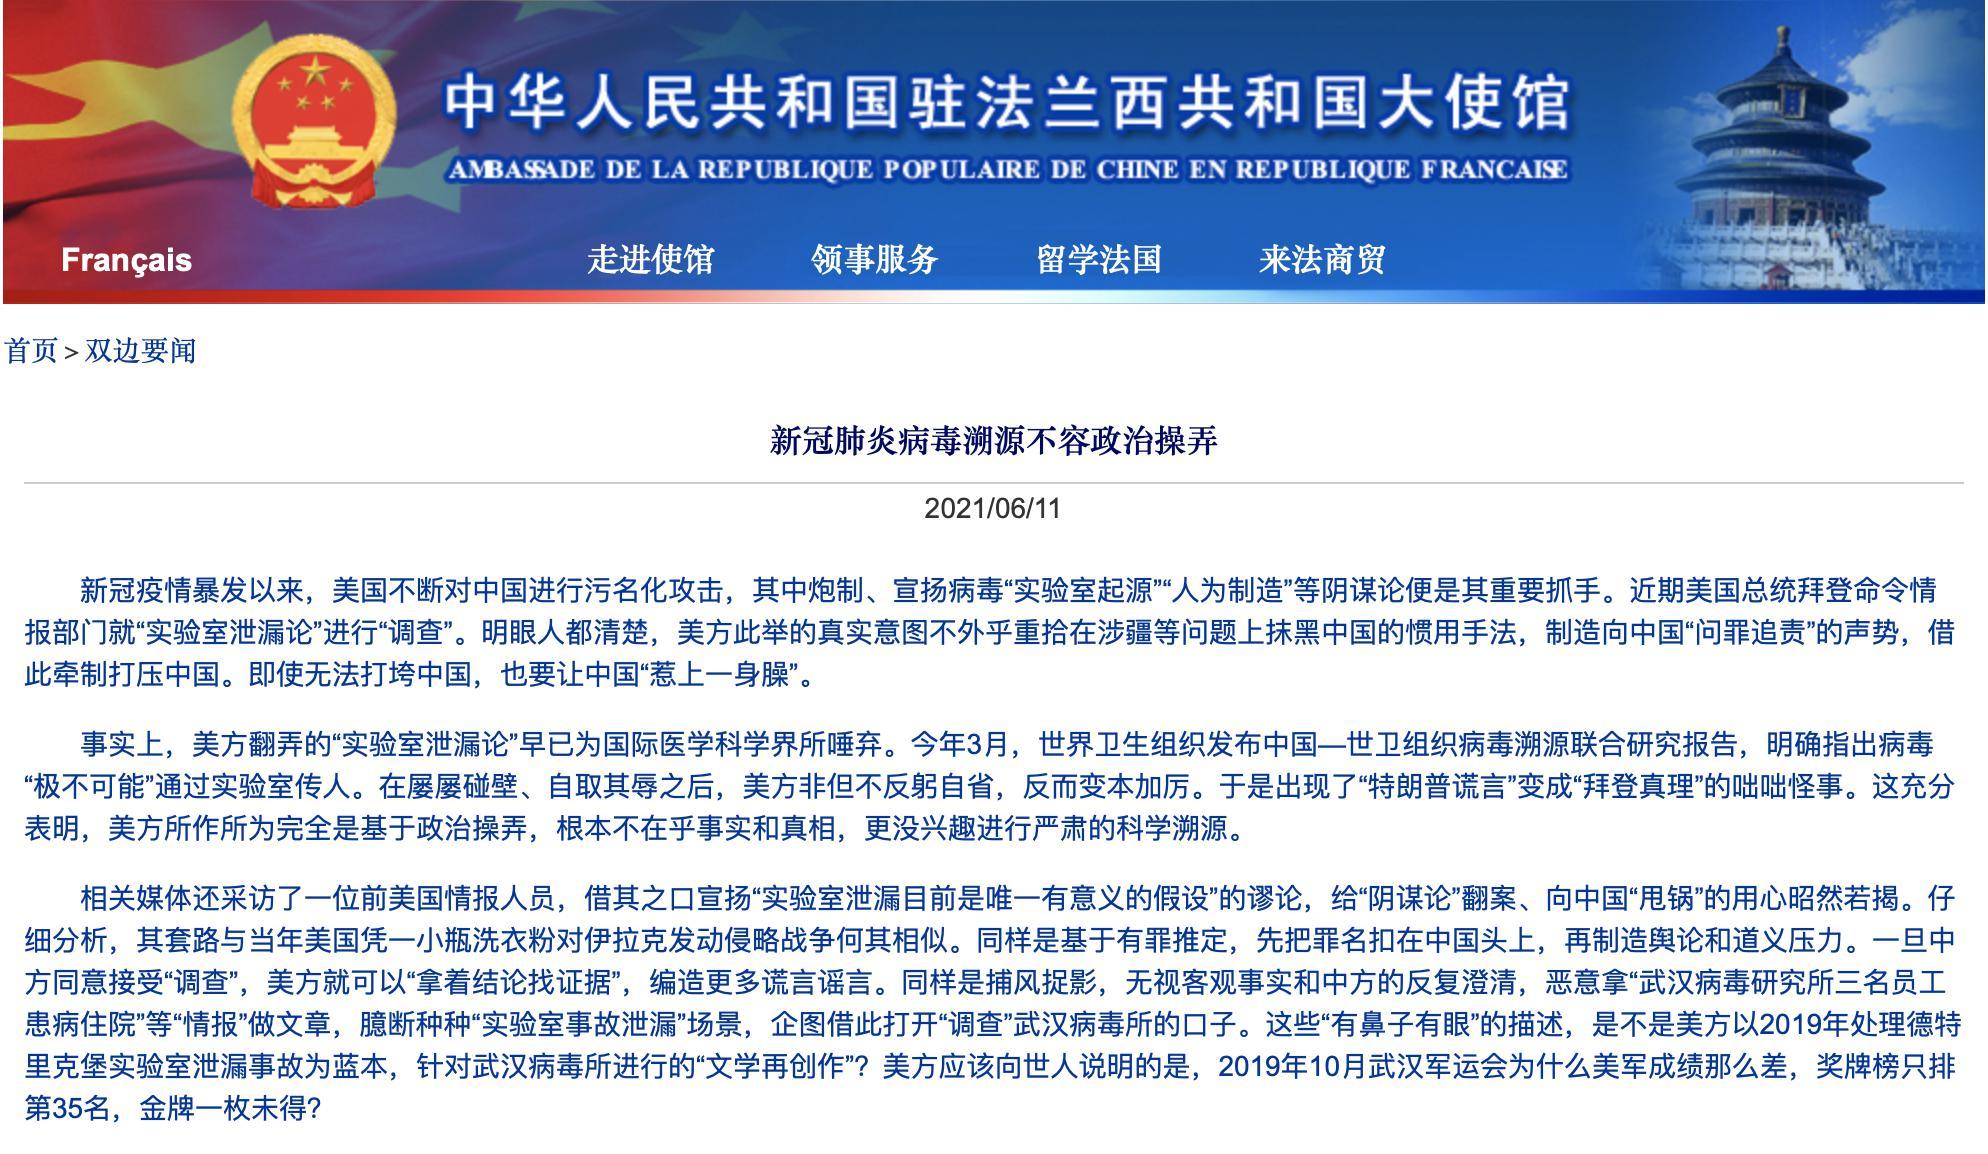 中国驻法使馆:新冠病毒溯源不容政治操弄